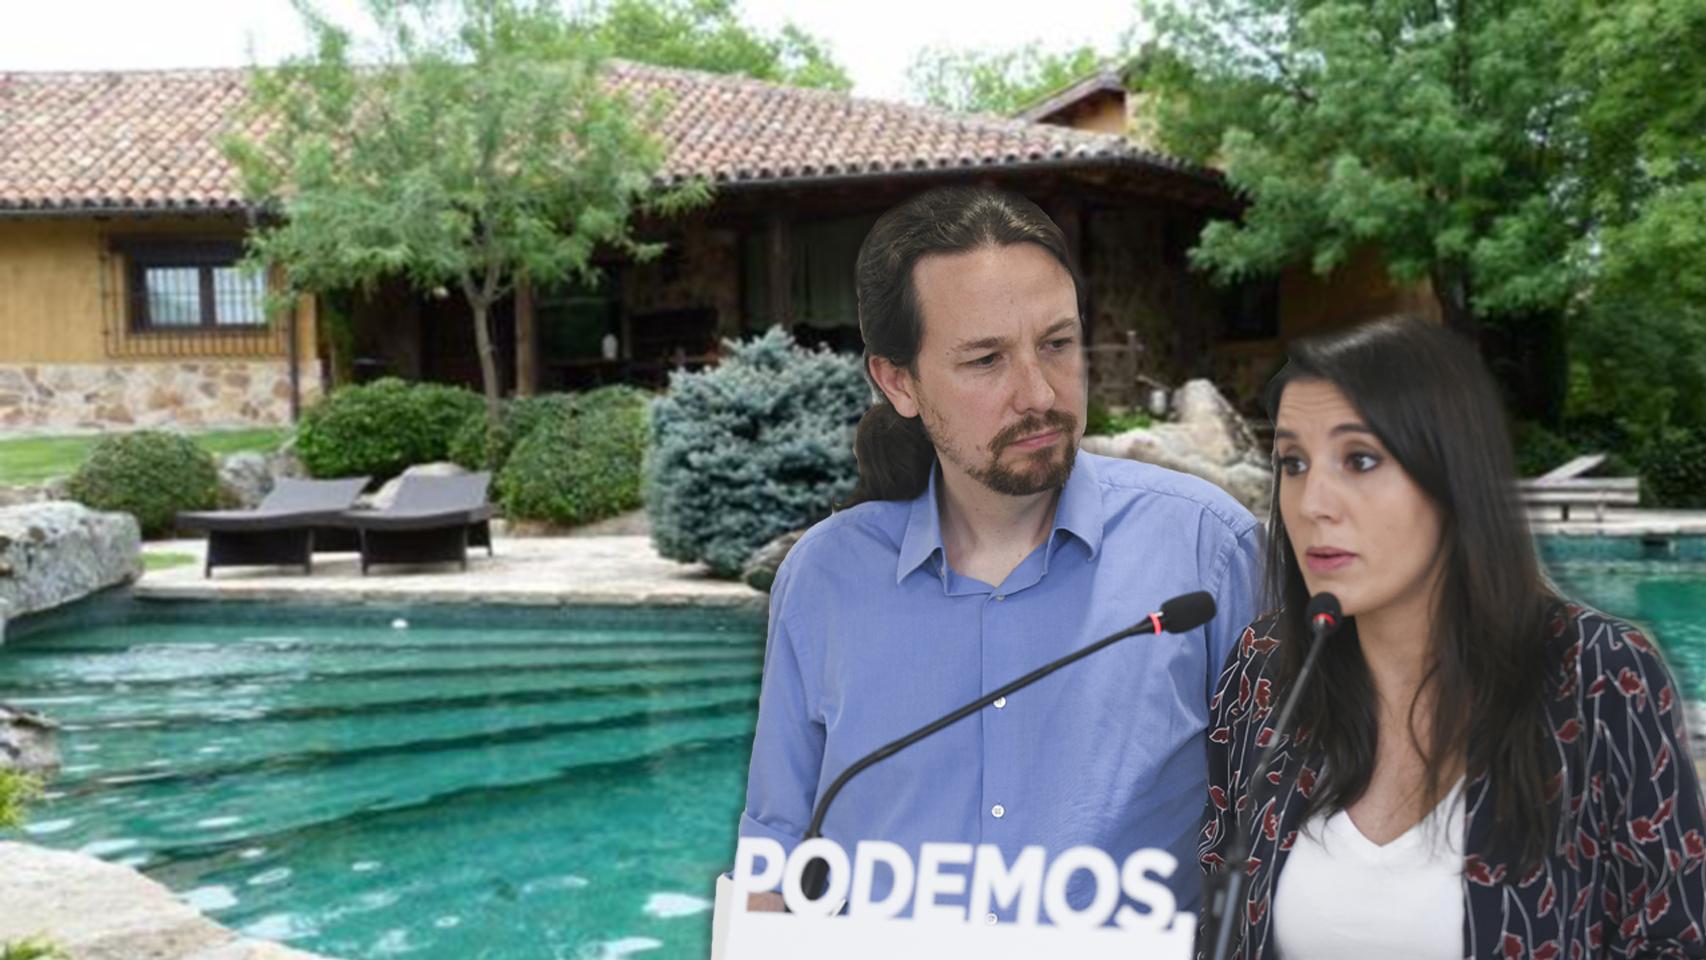 """Por qué Podemos quiere transformar los escraches al chalet de Pablo Iglesias en """"acoso"""""""